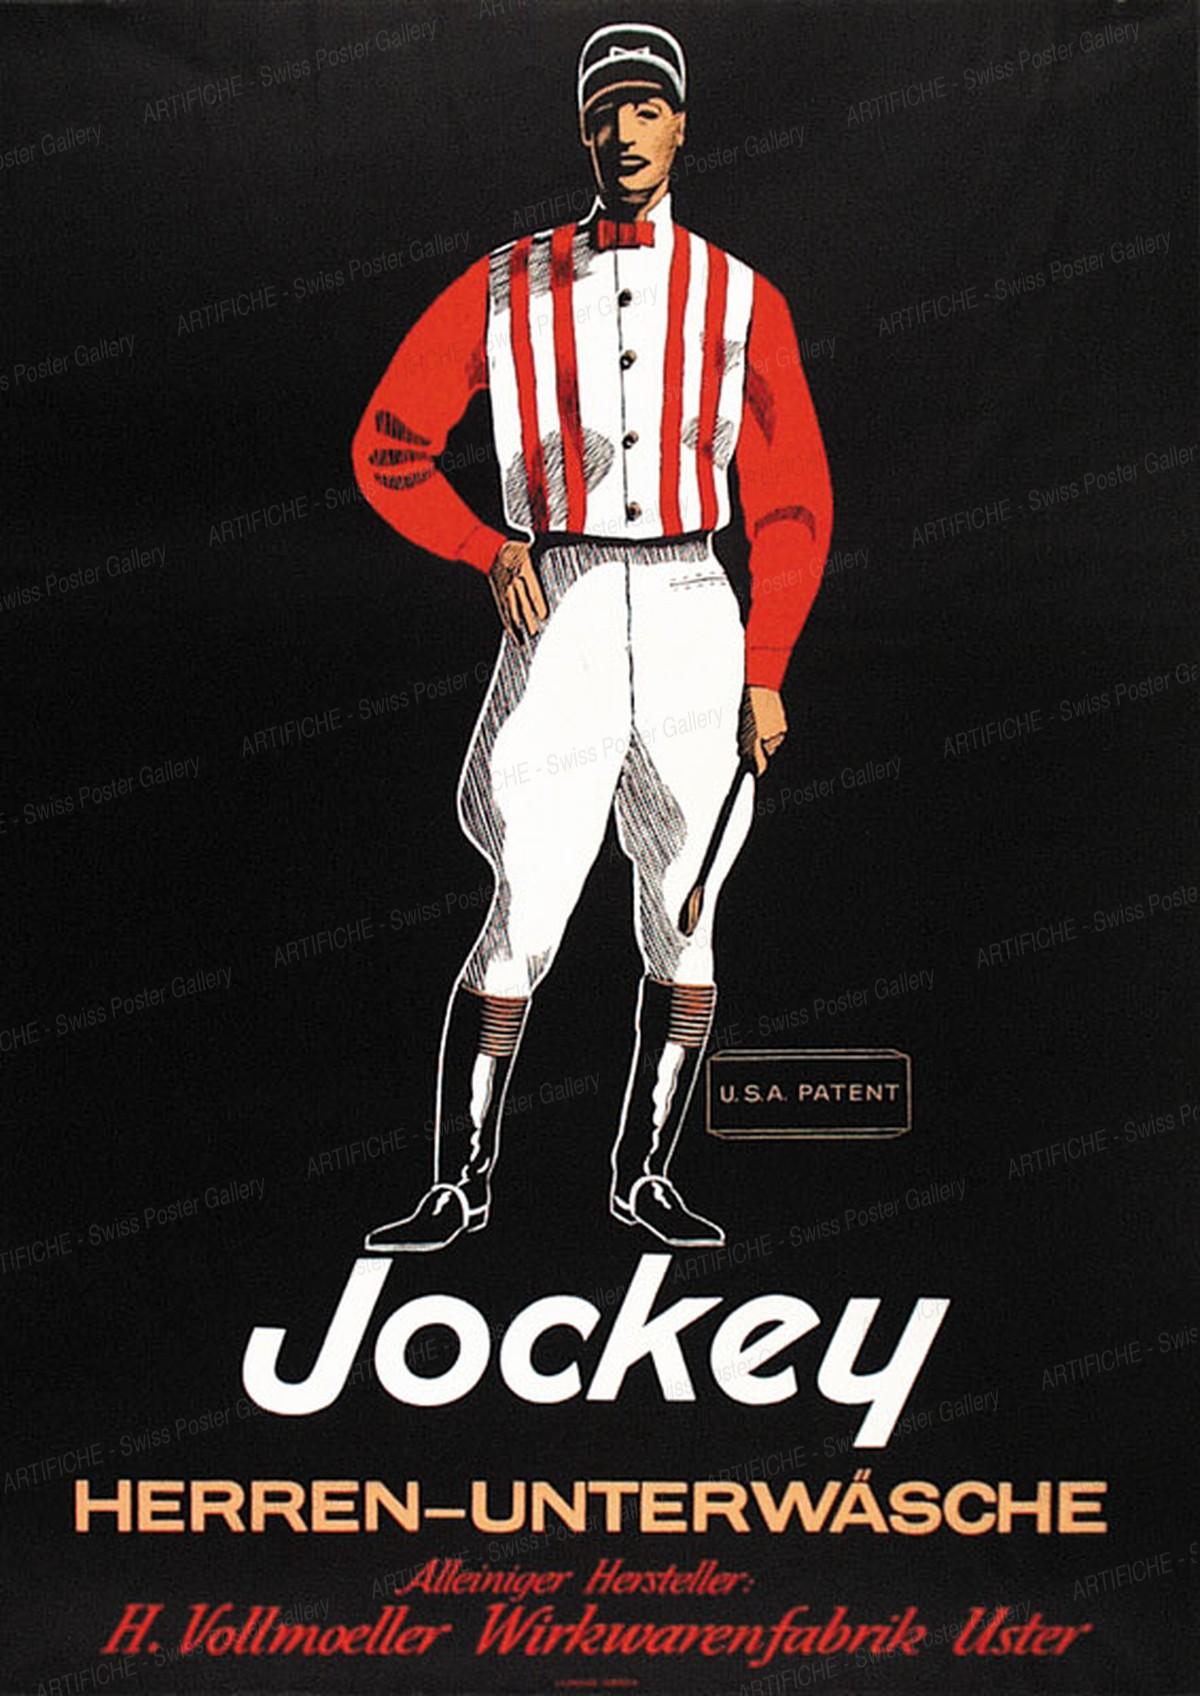 Jockey Men's underwear, Schnepp